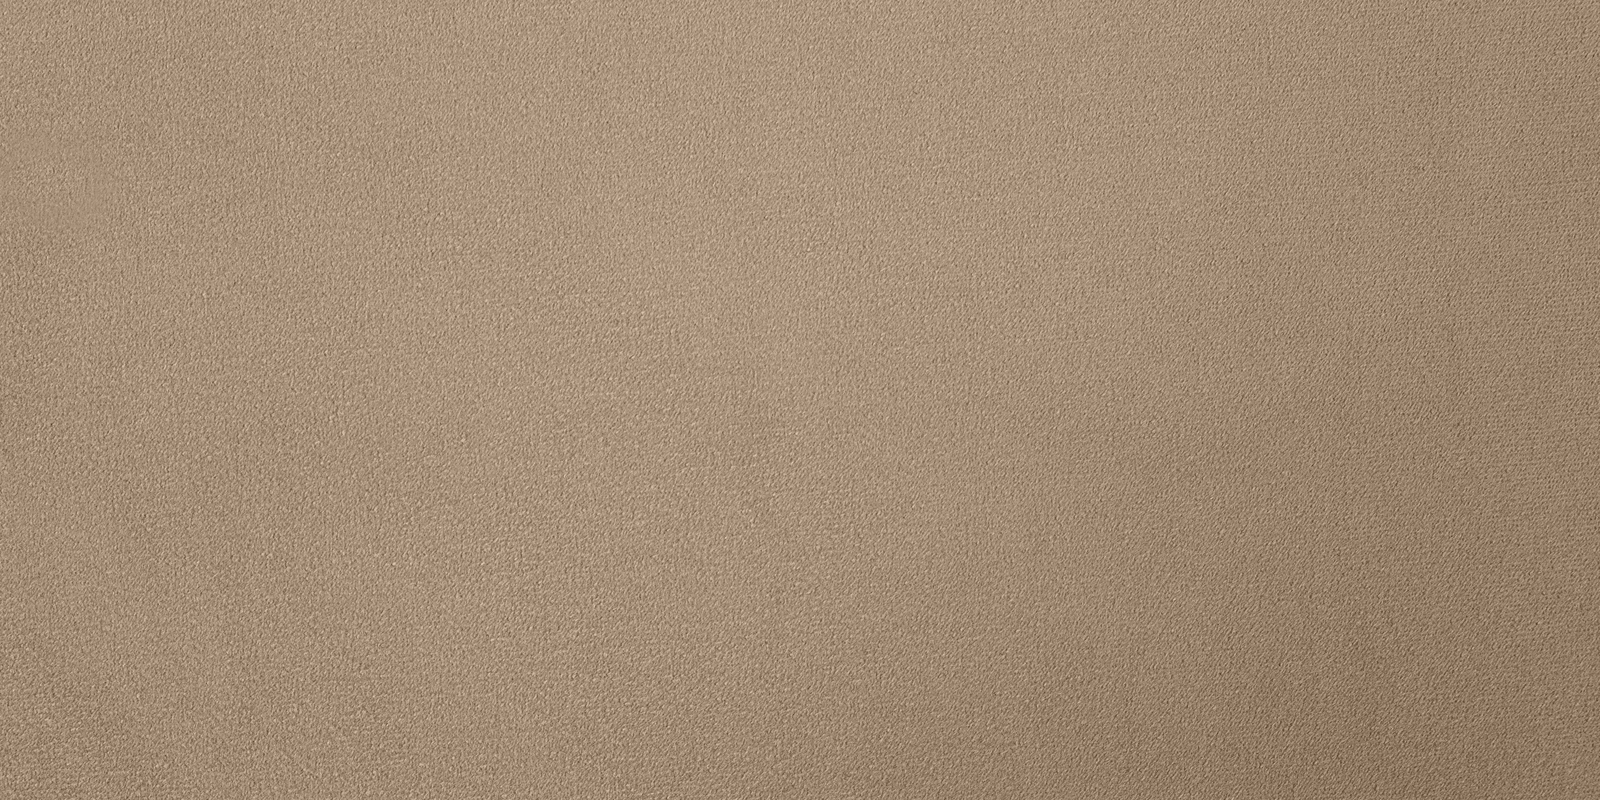 Диван тканевый угловой Хилтон коричневый (Микровелюр)